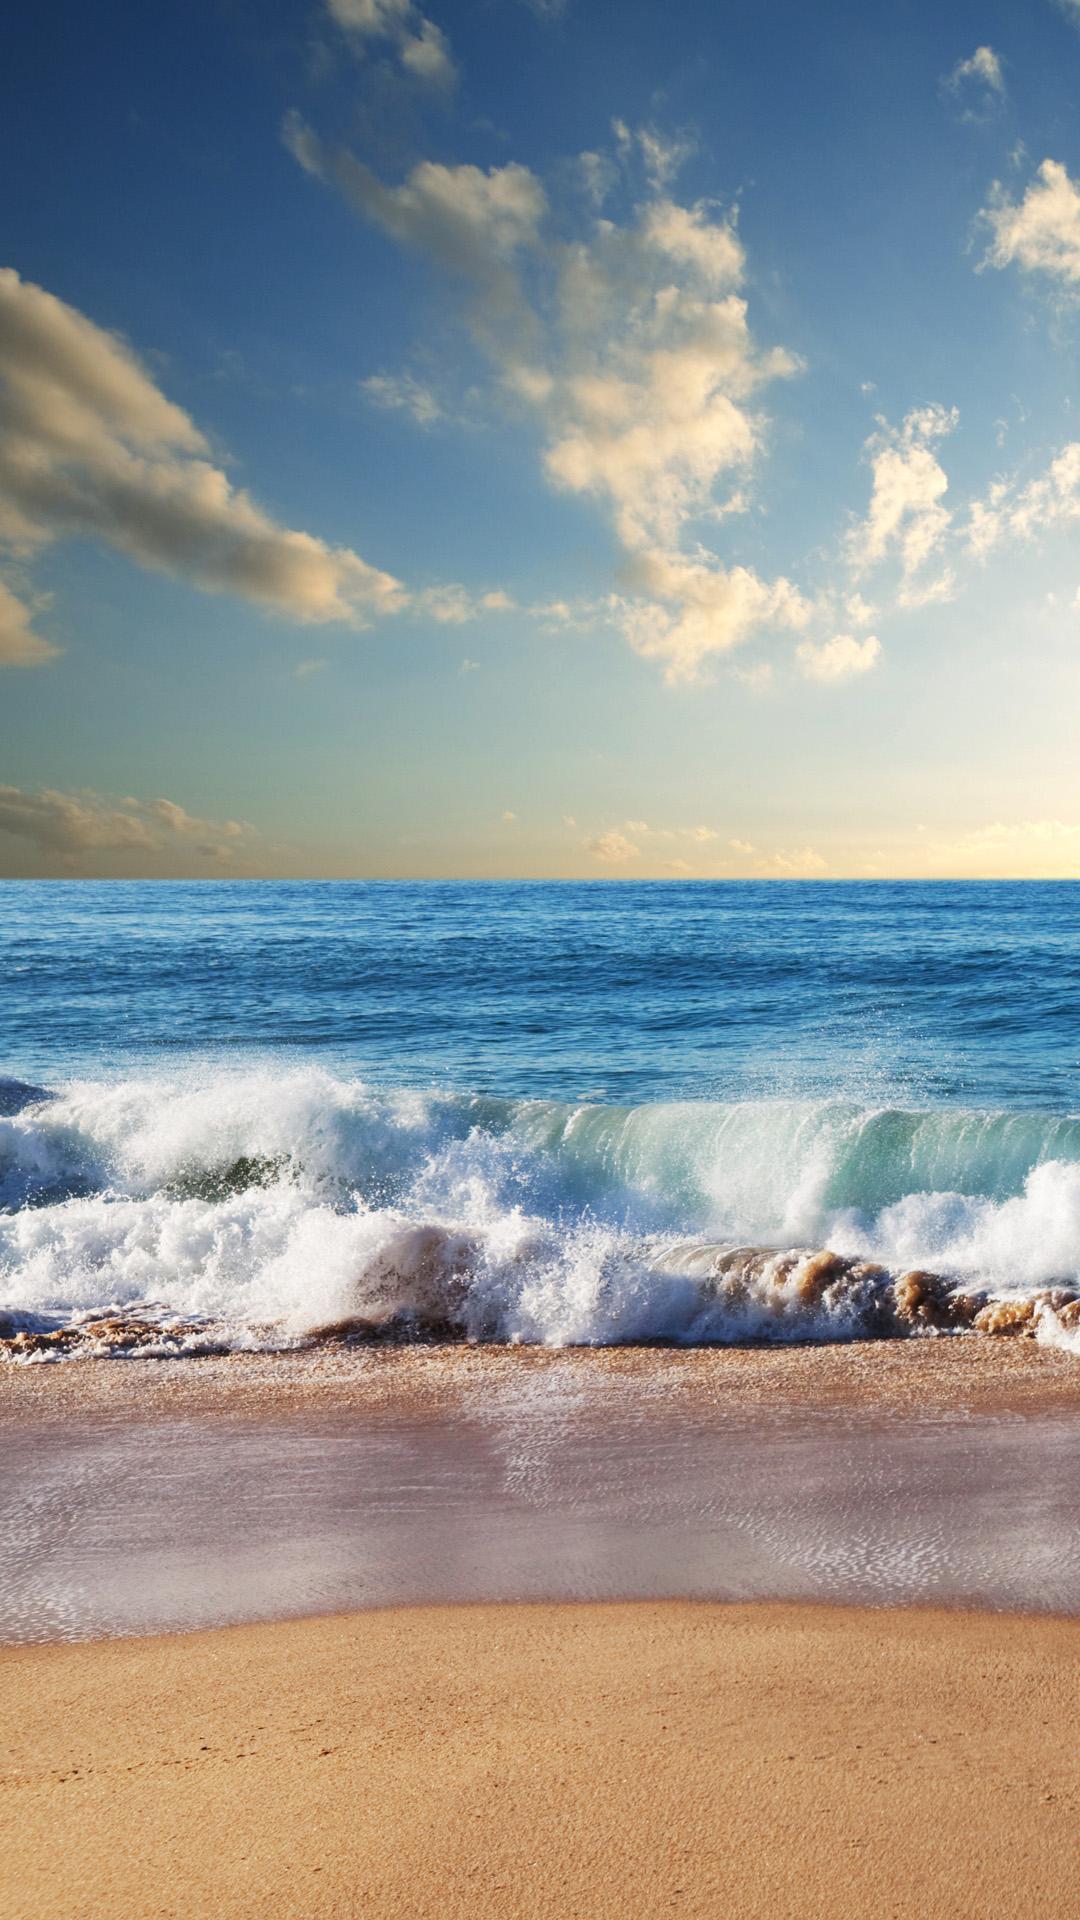 beach iphone 6 wallpaper - wallpapersafari